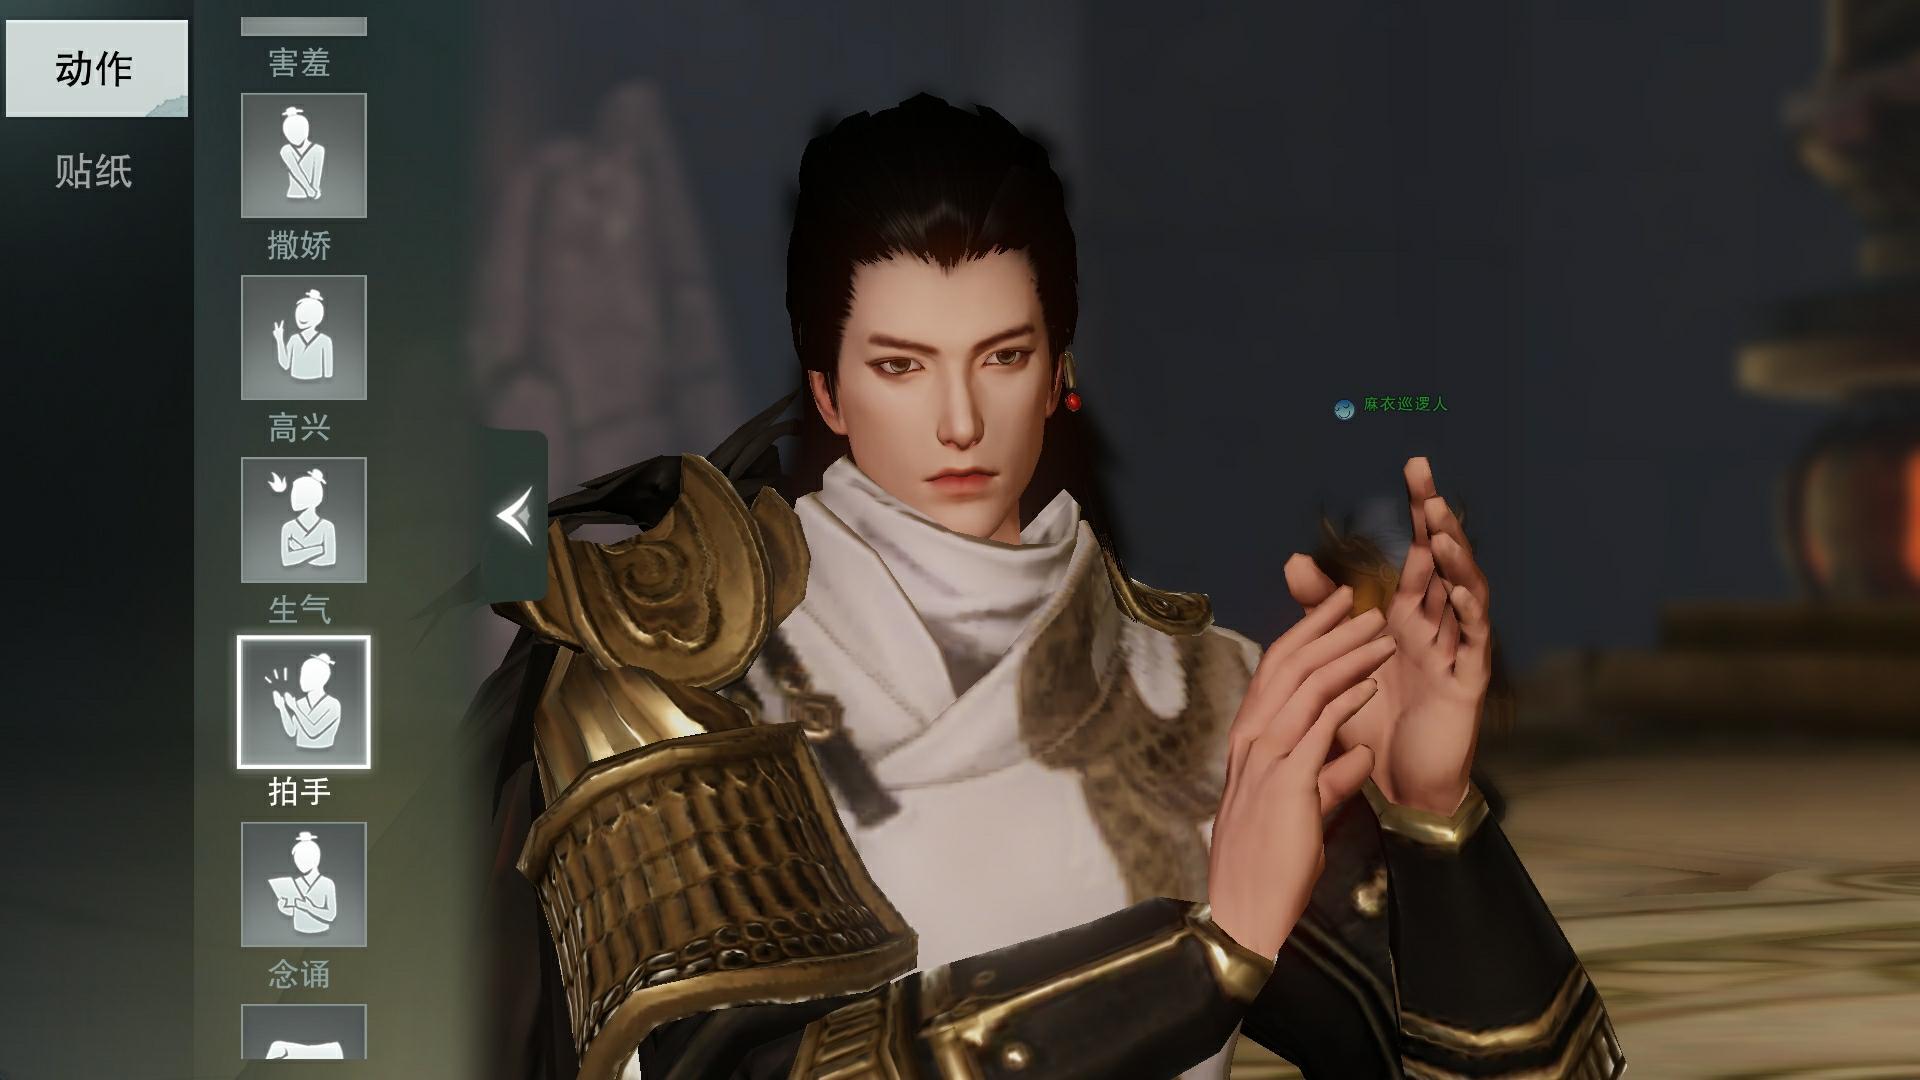 [捏脸数据] 好多人想要攻脸~ 这个攻气帅哥能满足你吗?